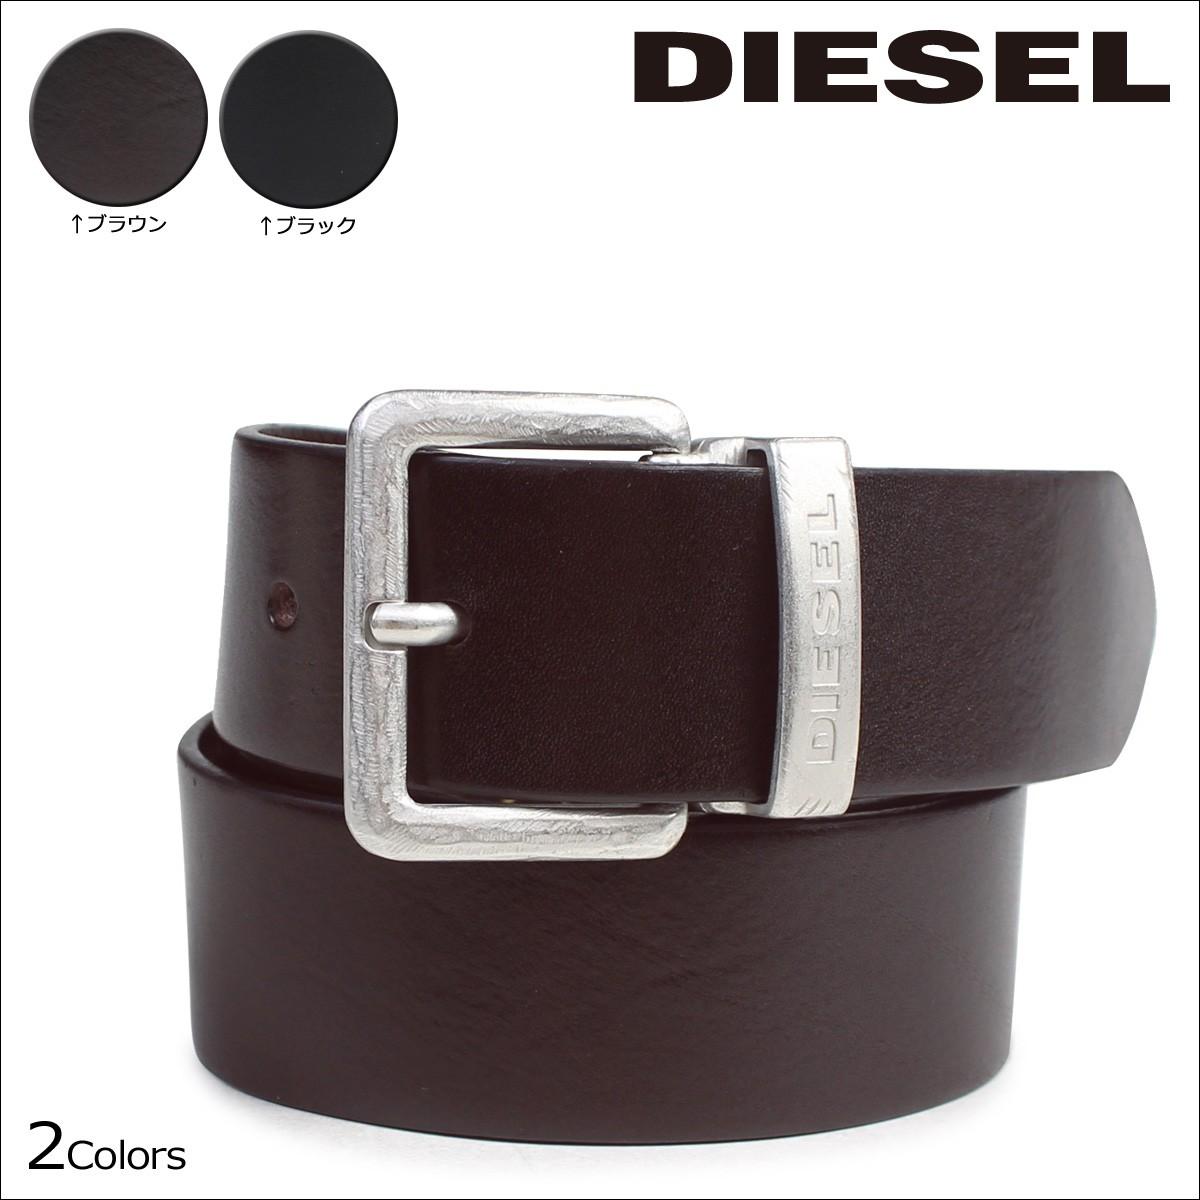 ディーゼル ベルト DIESEL メンズ バックル レザーベルト 本革 牛革 カジュアル ヴィンテージ BERES X03716 PR227 2カラー